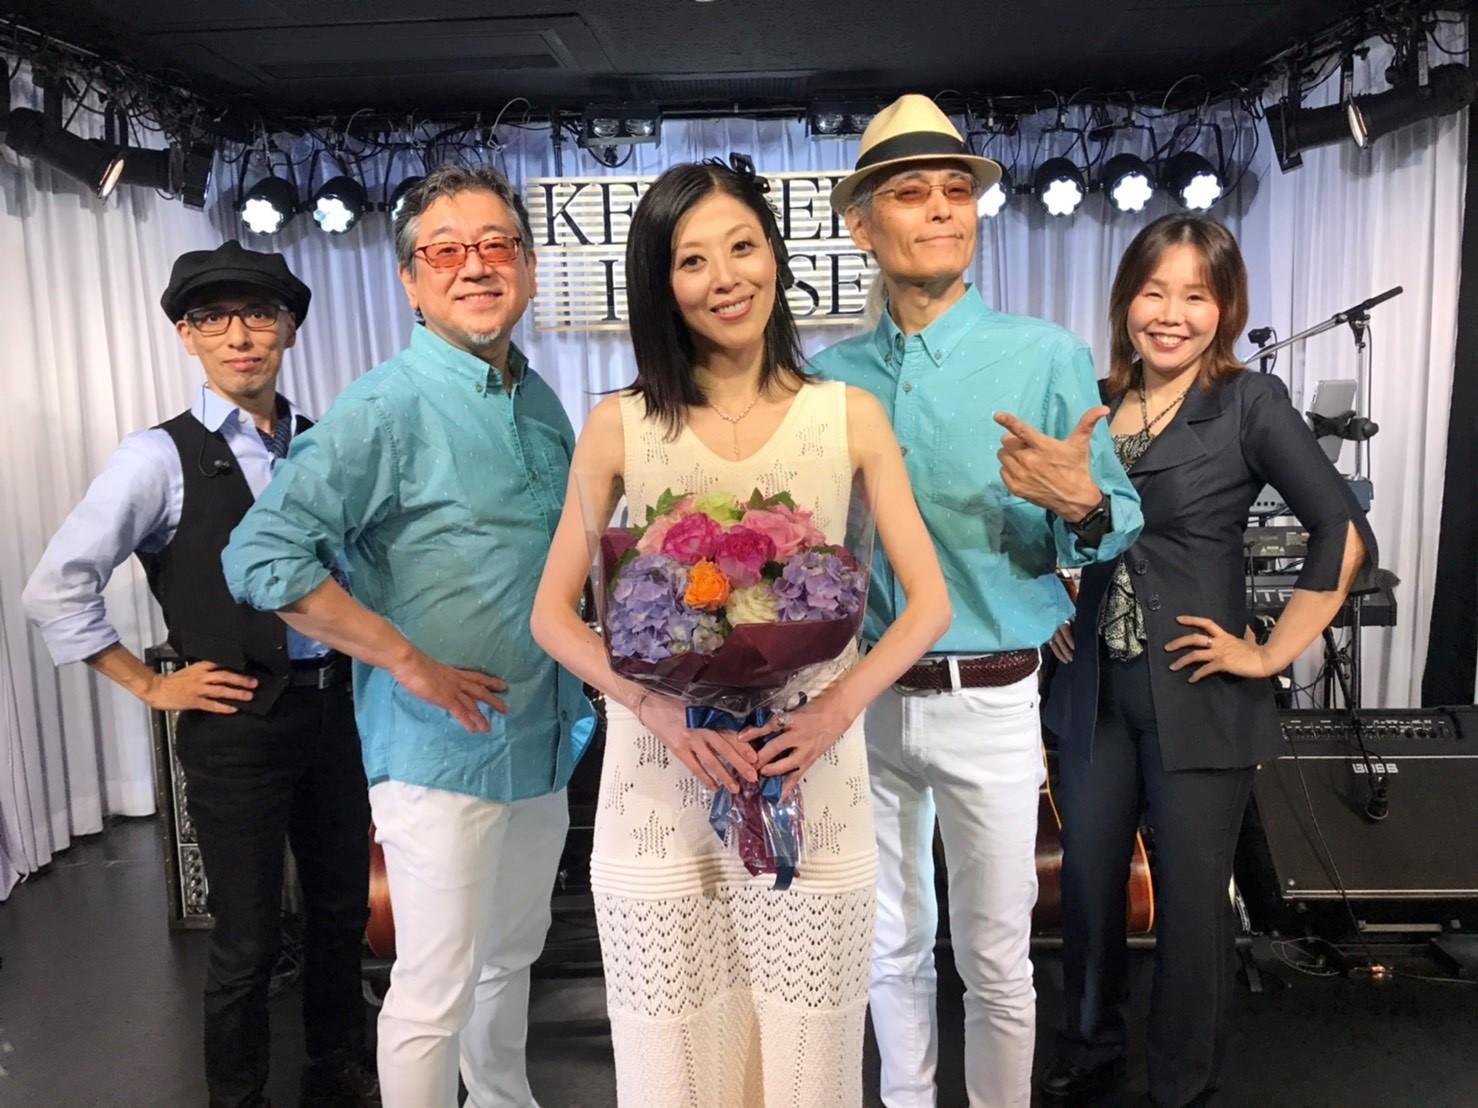 スーパーワンダーランド ライブ配信(8月12日公演)